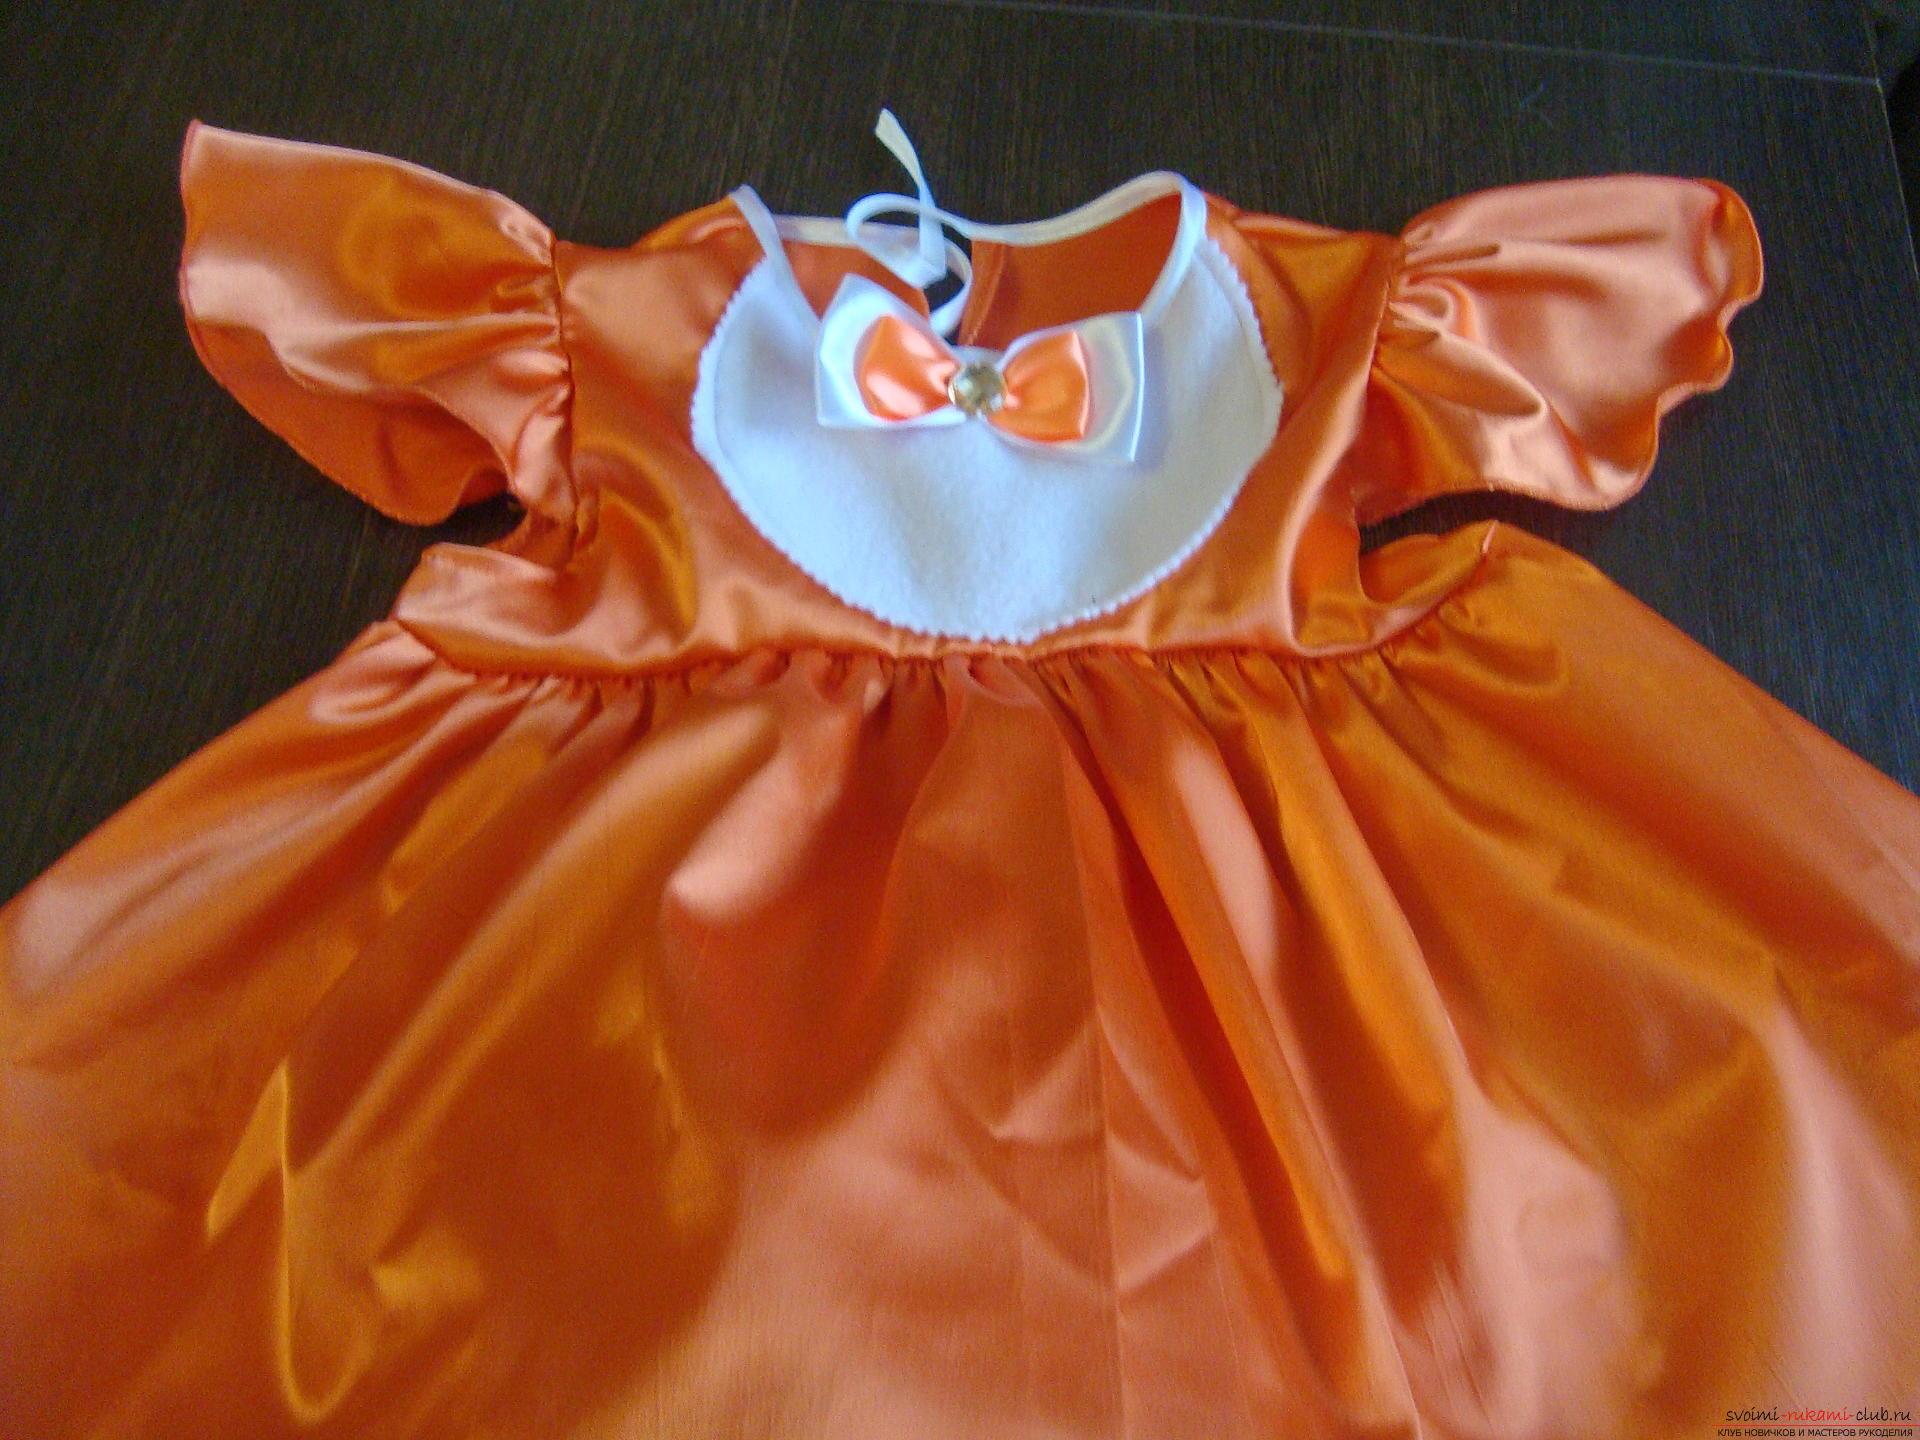 Этот мастер-класс научит как сшить своими руками детский карнавальный костюм лисы для девочки. Фото №1